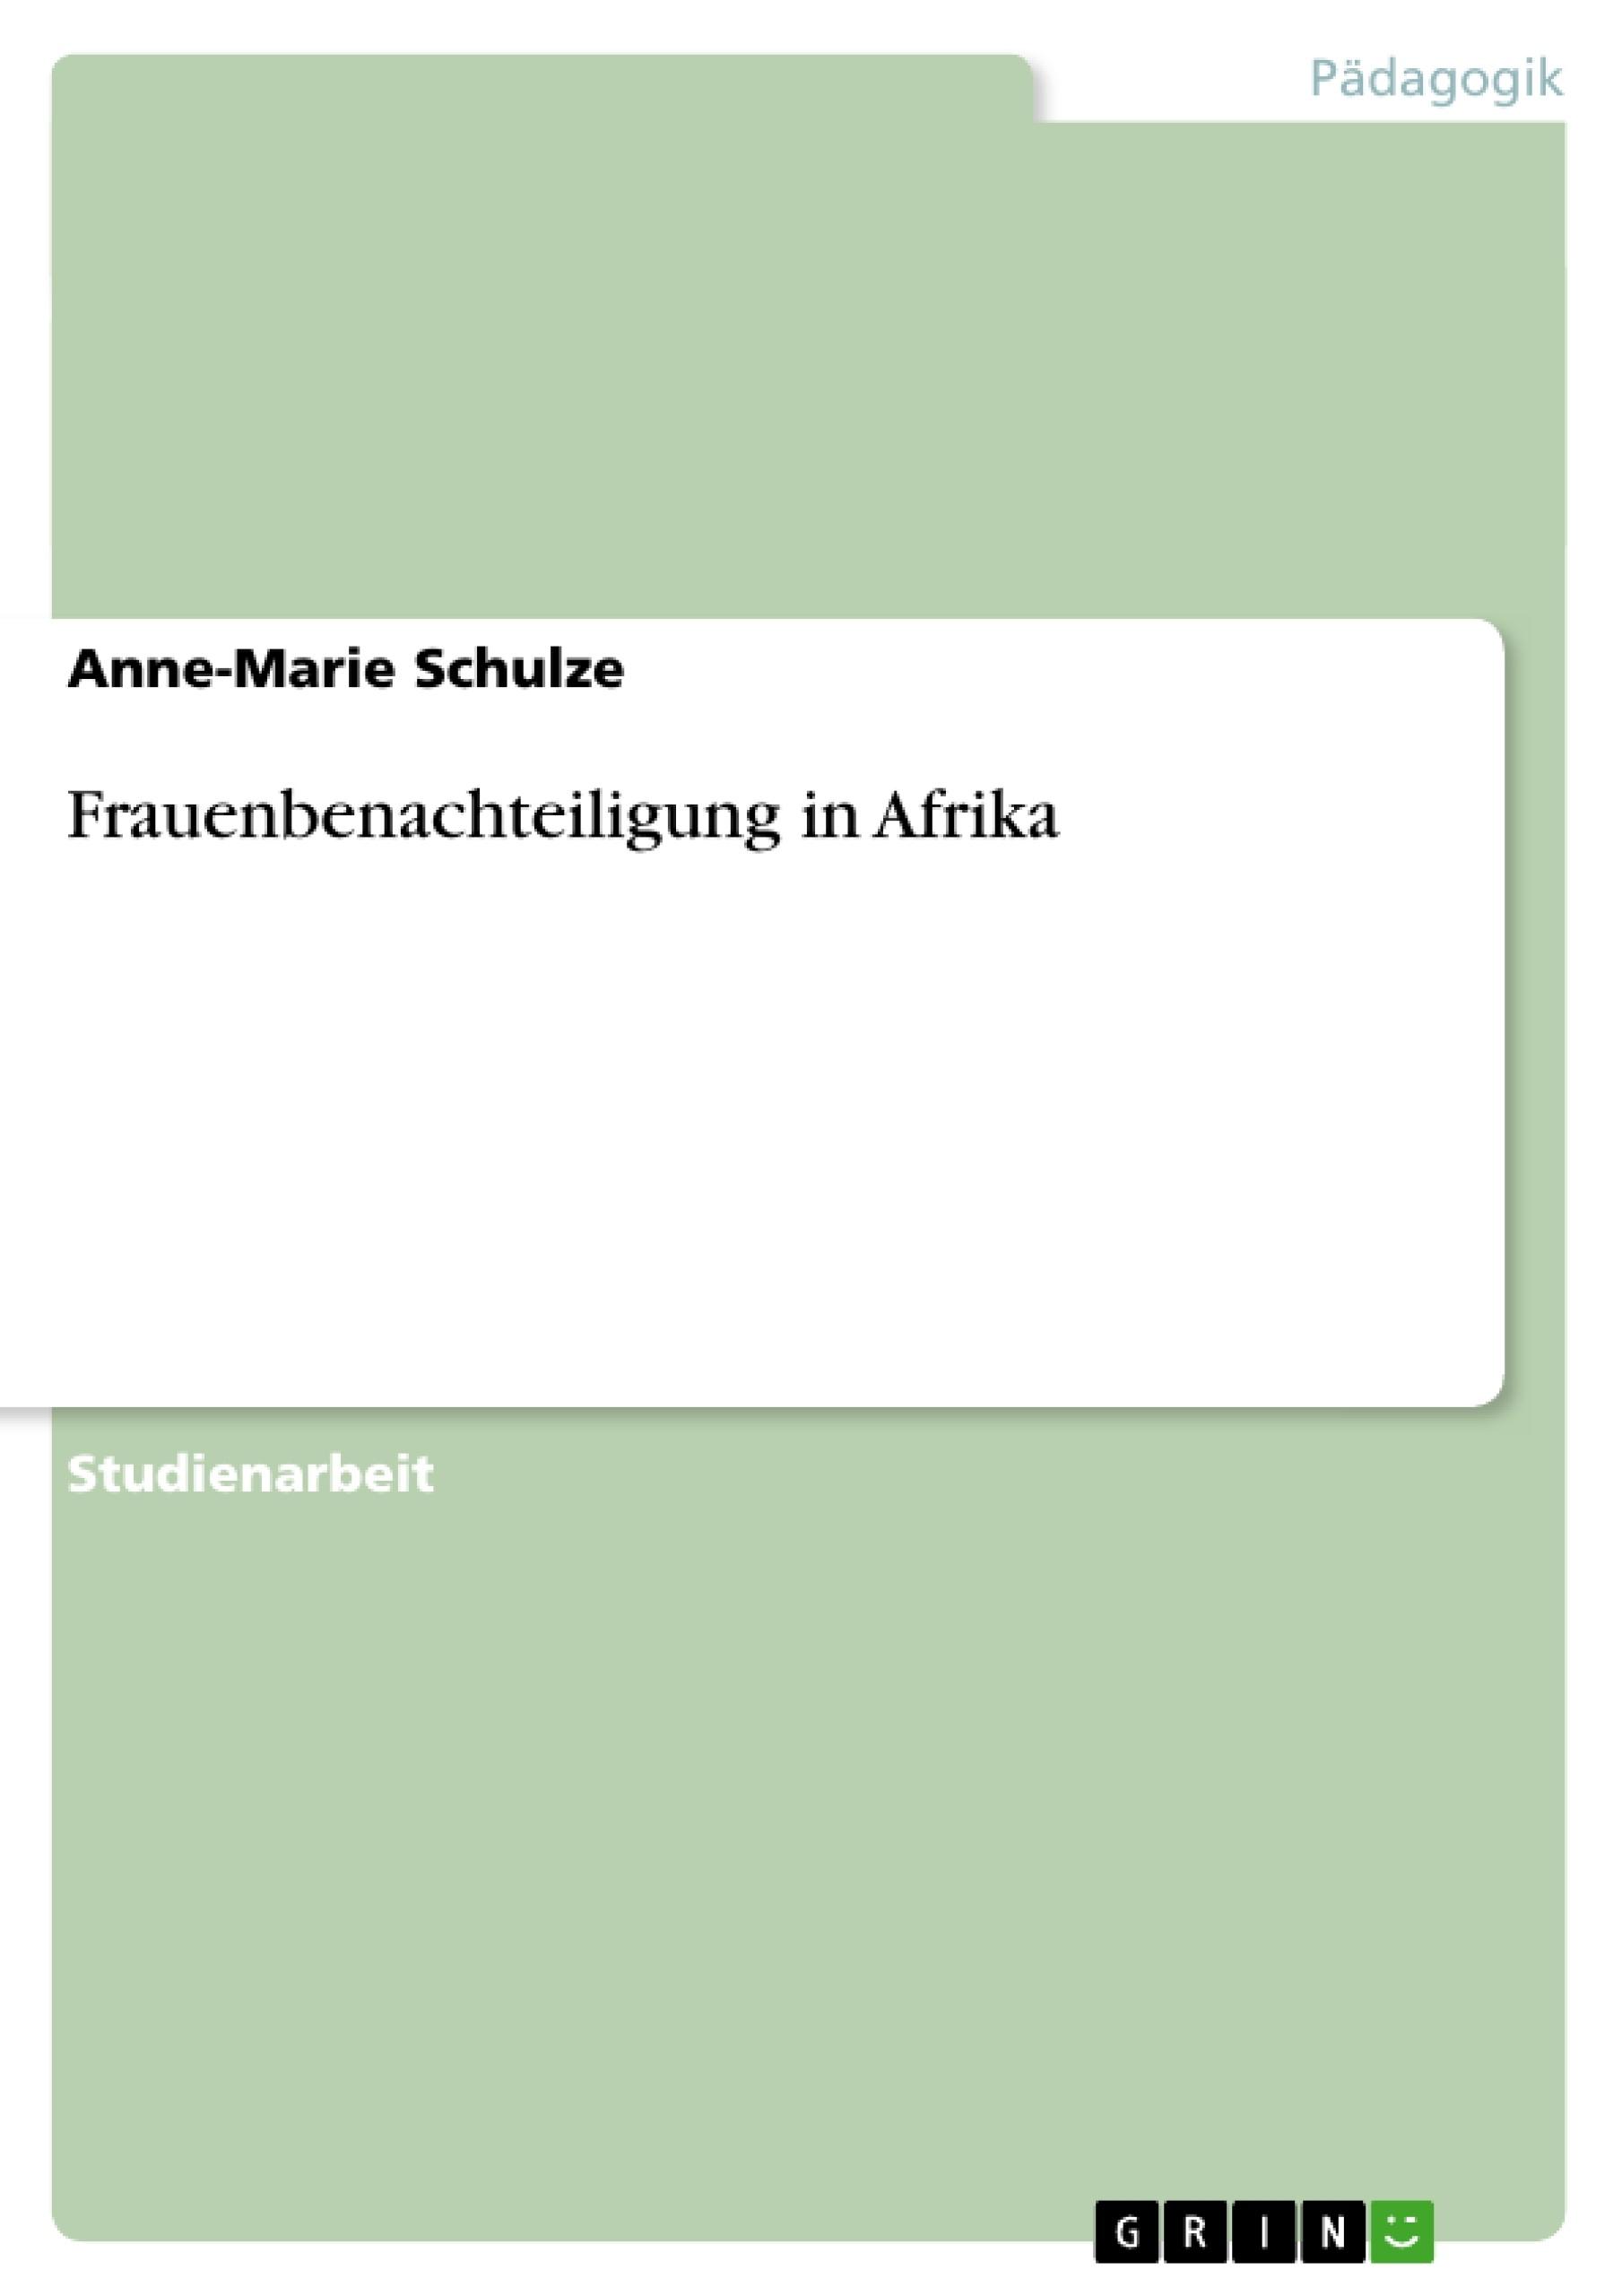 Titel: Frauenbenachteiligung in Afrika